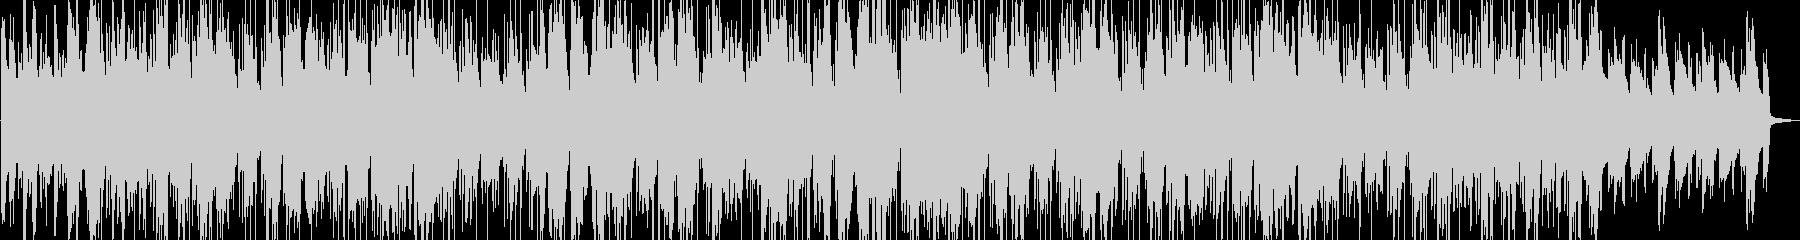 ムーディーなサックスとタランペットのんの未再生の波形